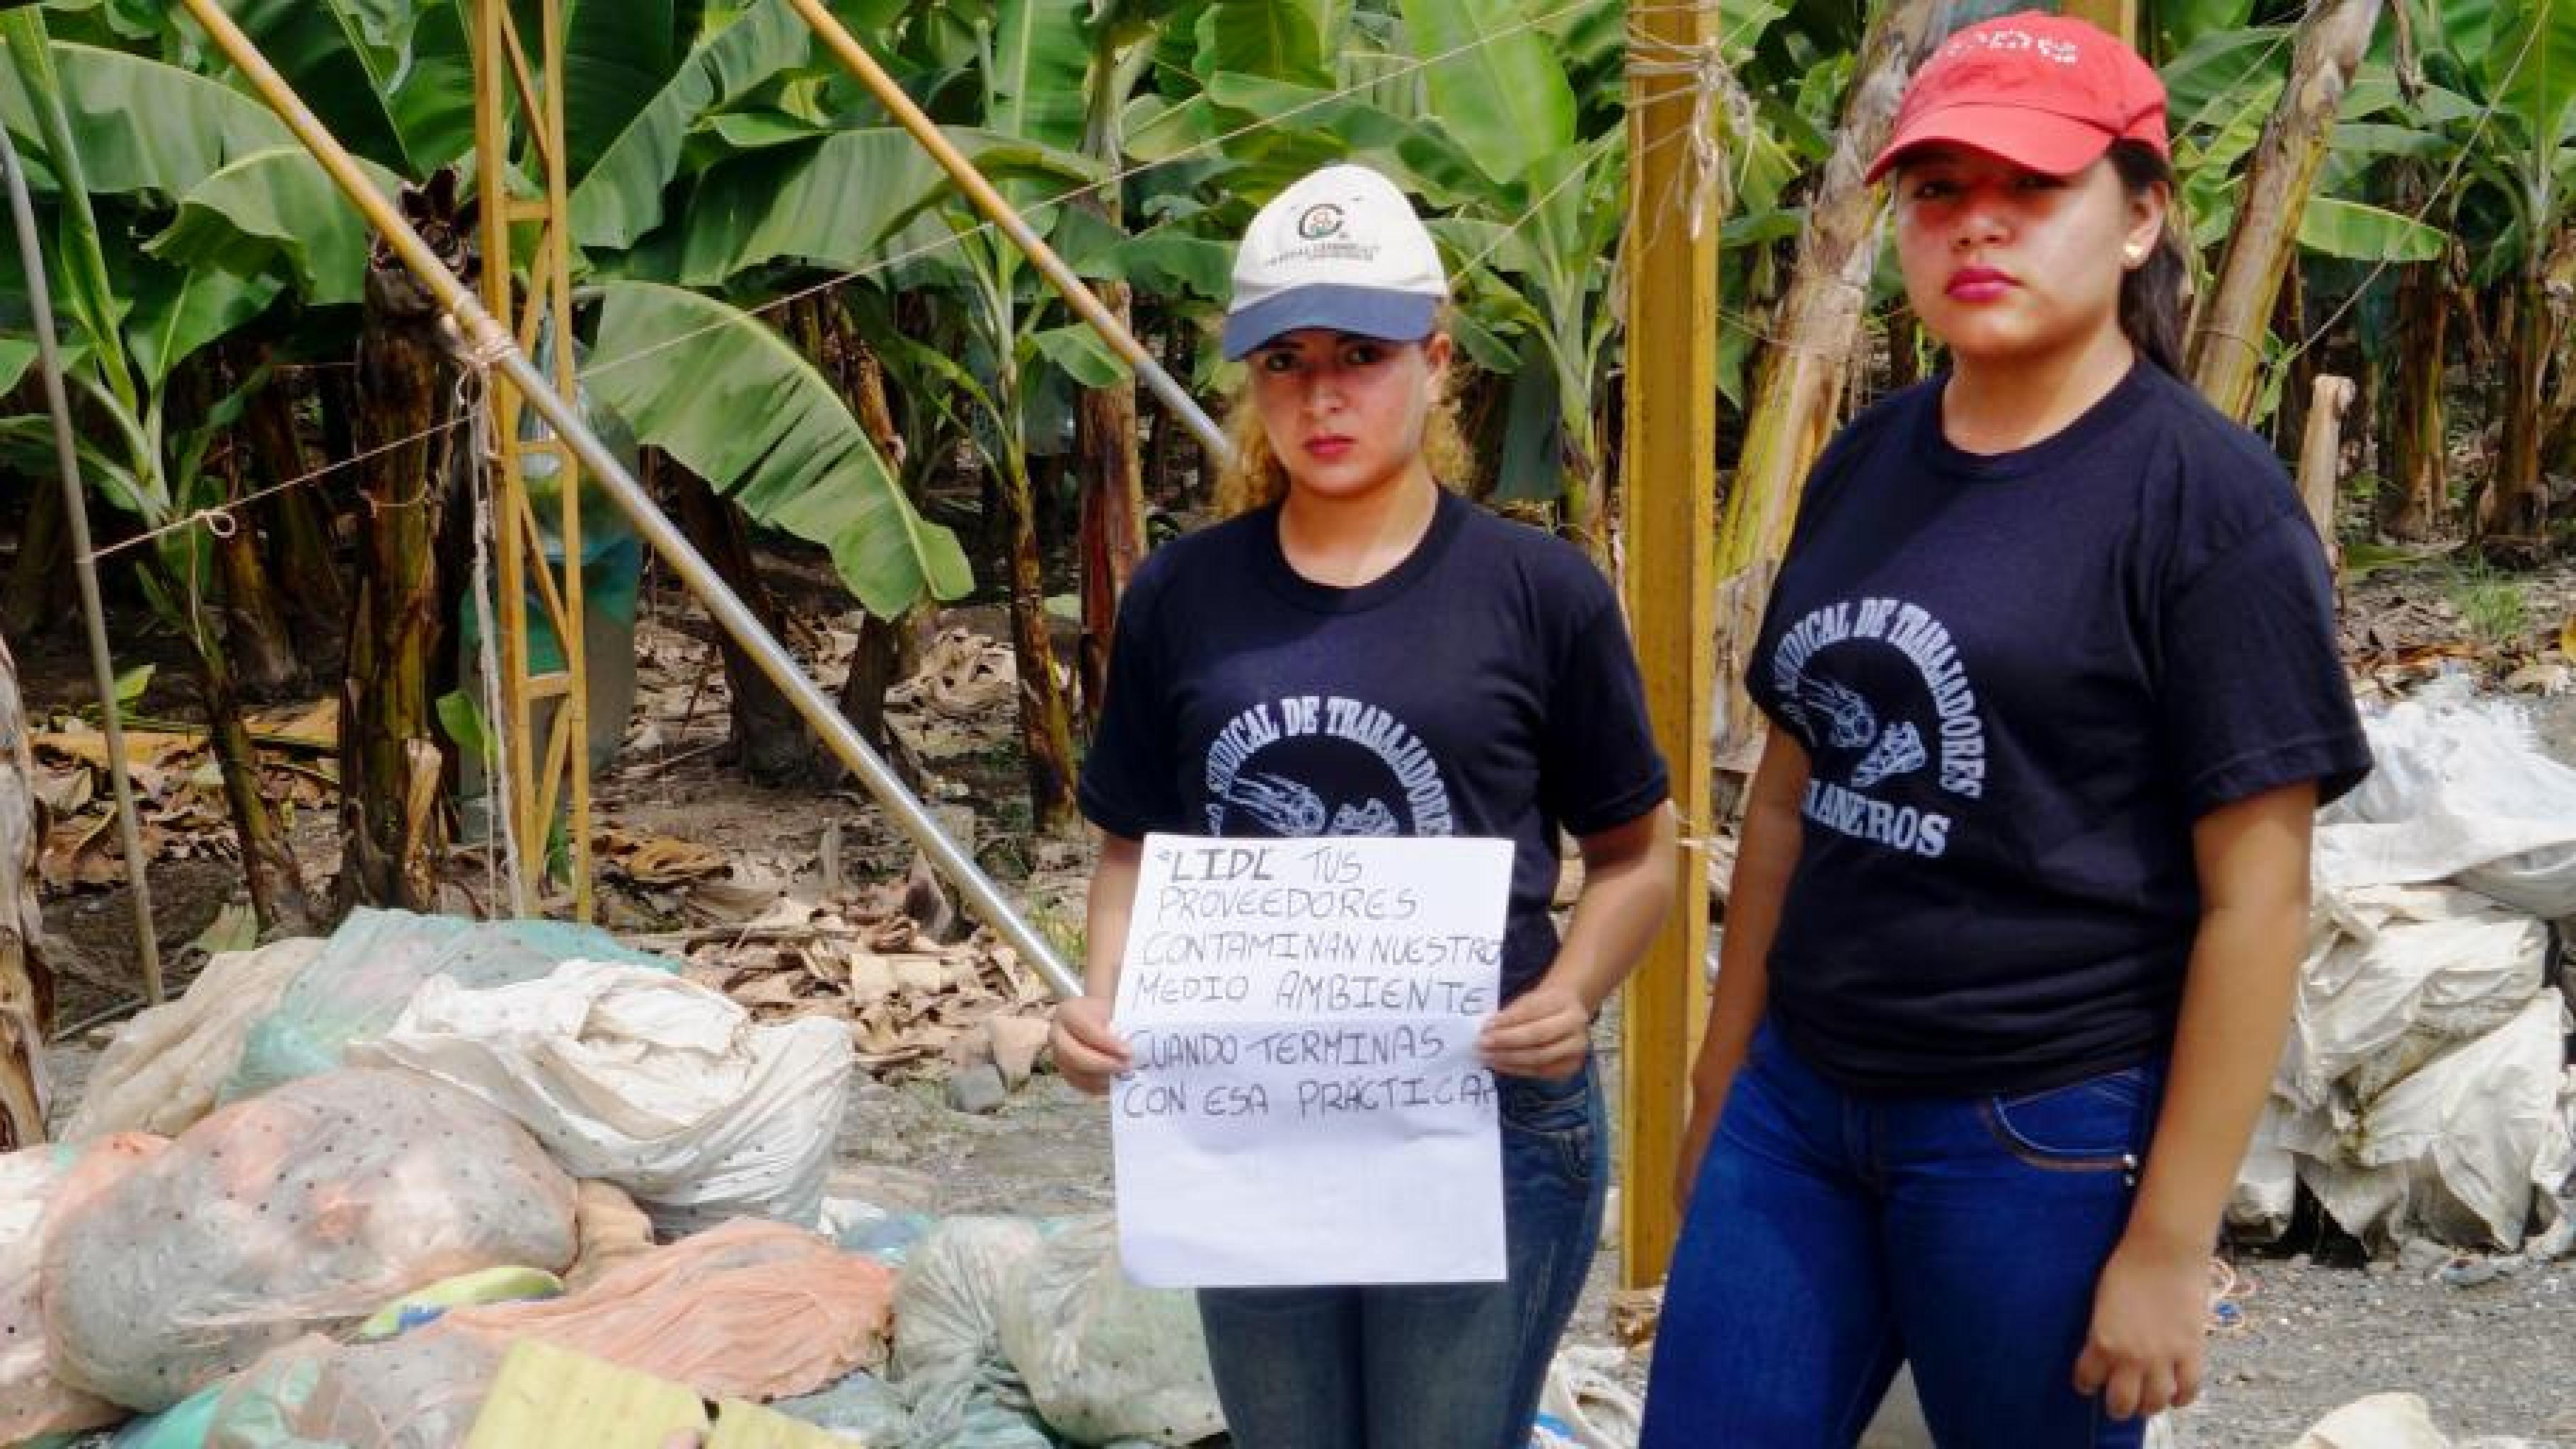 Suli und Emy aus Ecuador haben auf Plantagen, die Lidl beliefern, mit Arbeiter/innen gesprochen.